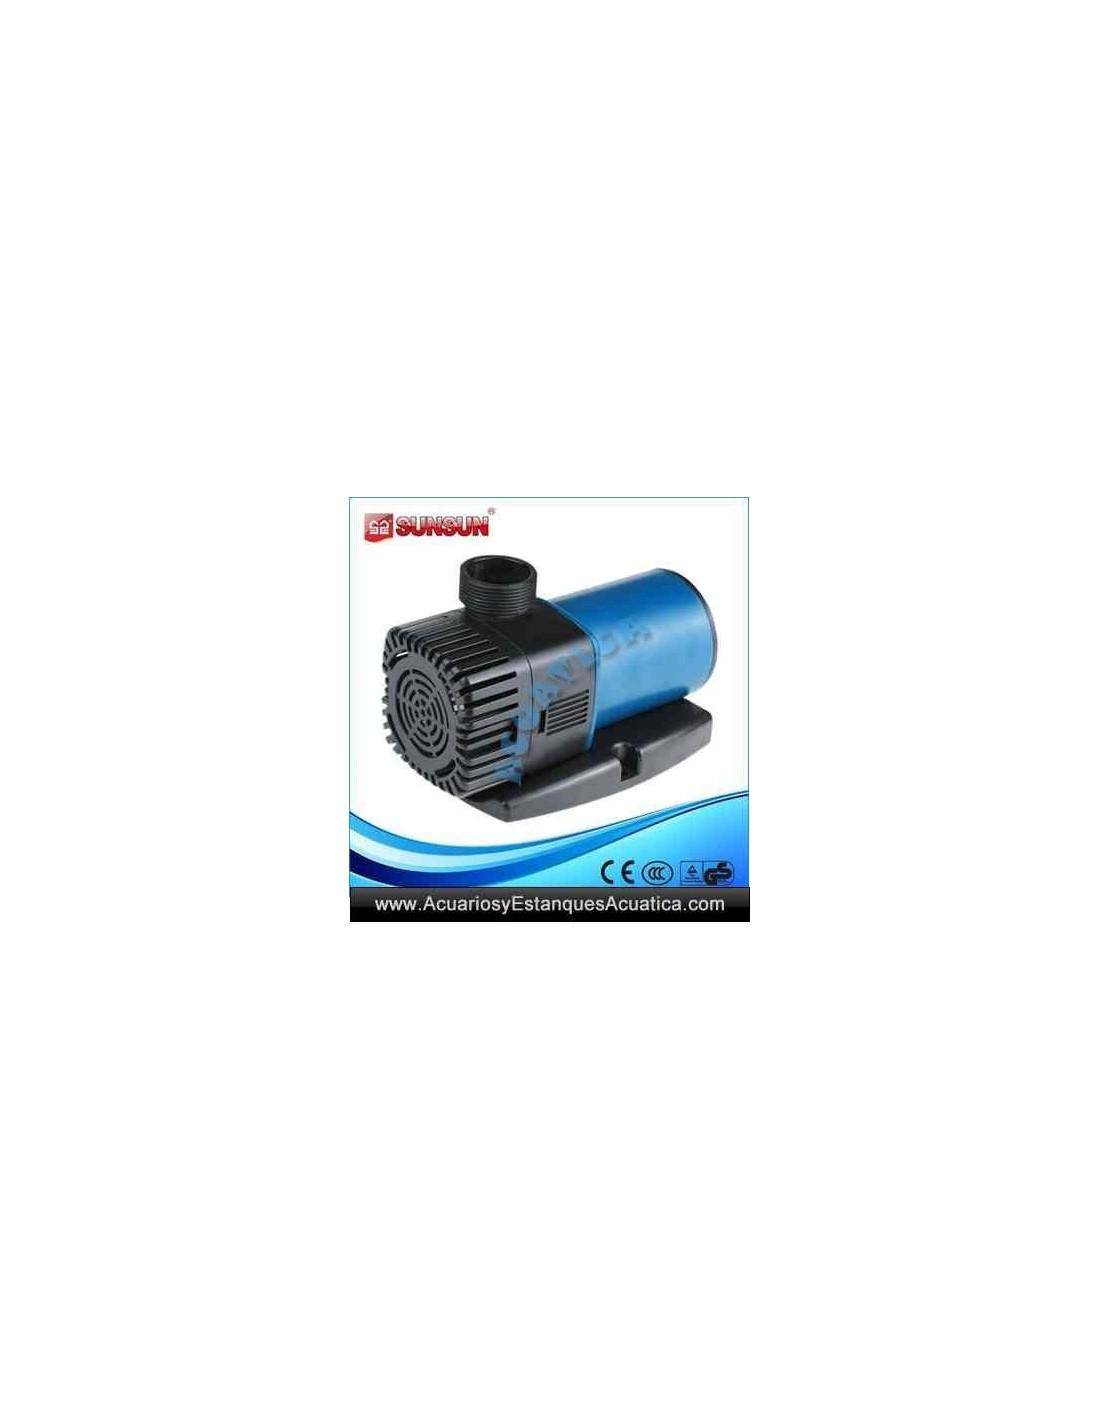 Sunsun jtp bombas de agua acuarios estanques acuarios y for Estanques para agua precios